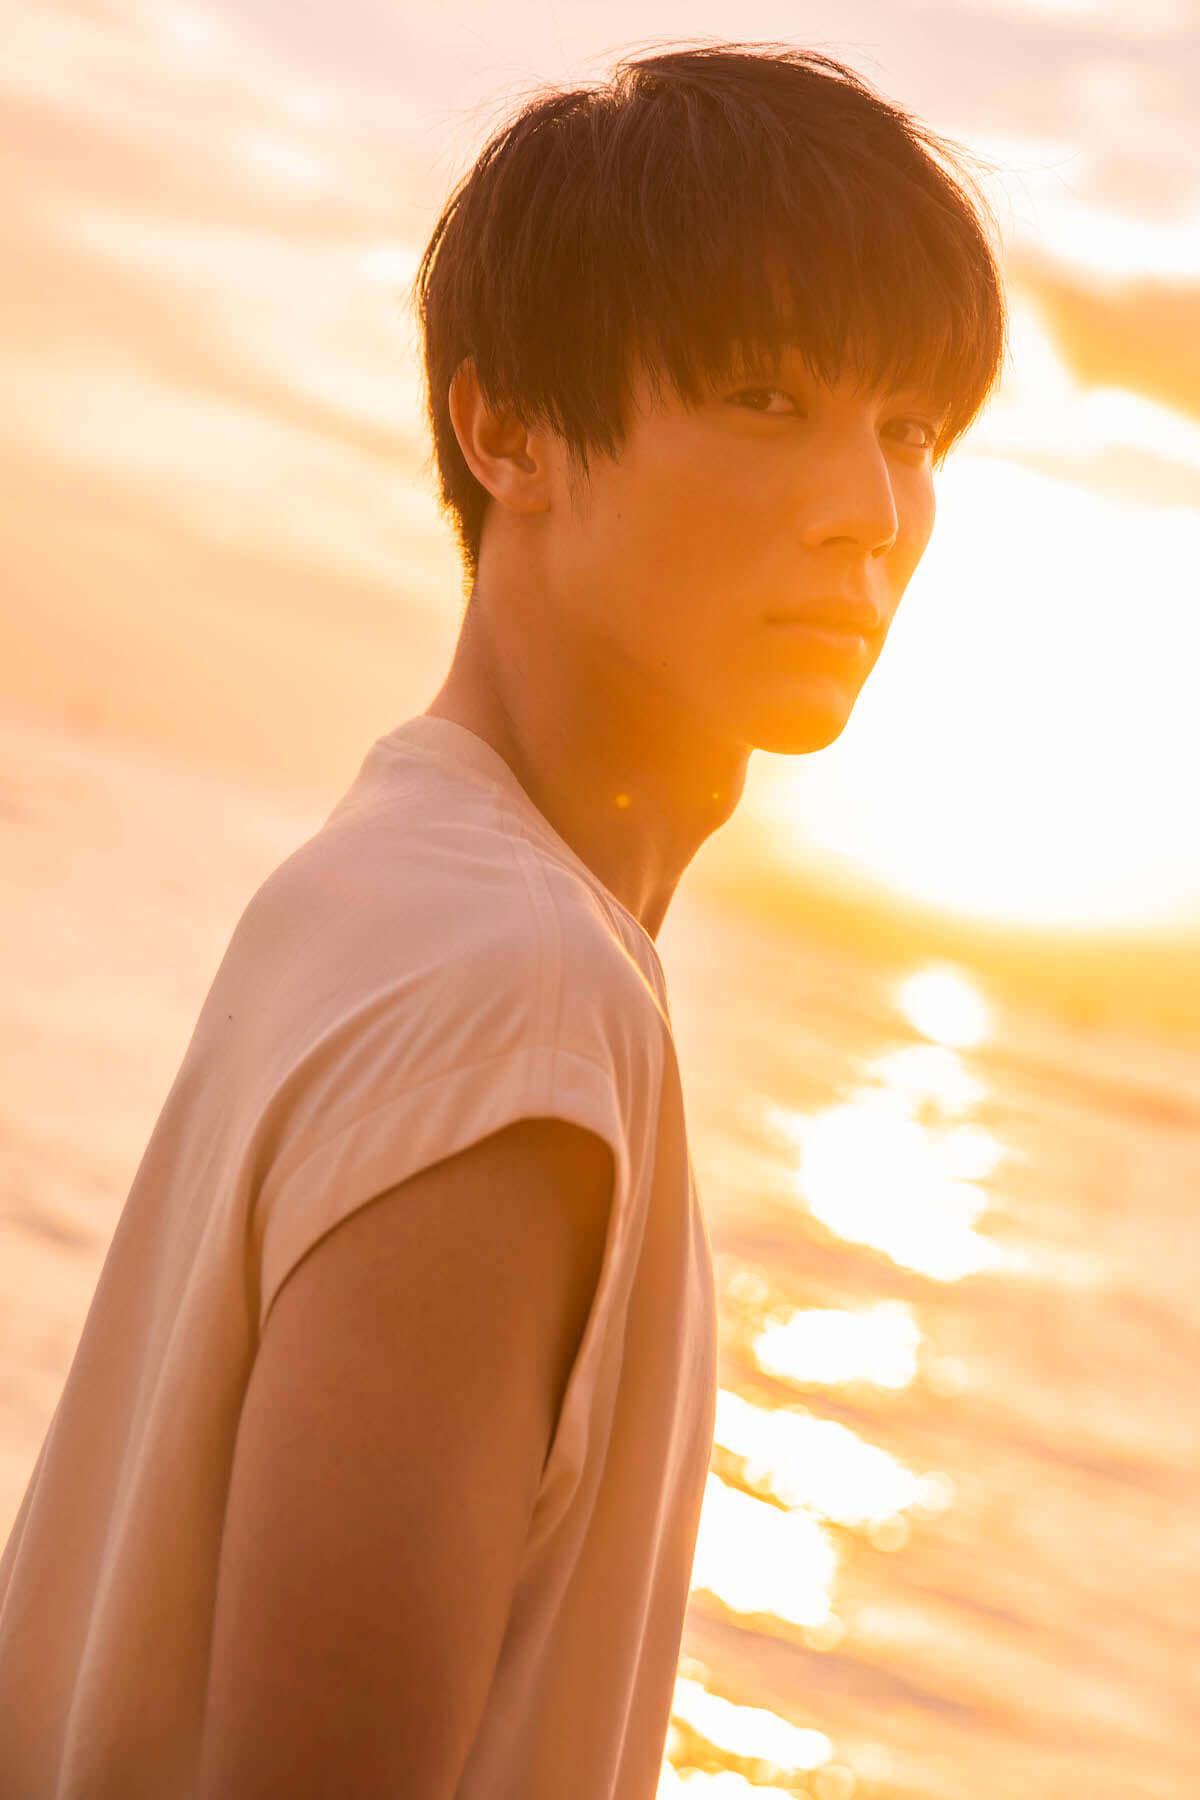 ドラマ『花晴れ』で天馬役を好演!中川大志、二十歳の素顔がハワイで撮影! art181031_taishi-nakagawa_3-1200x1800